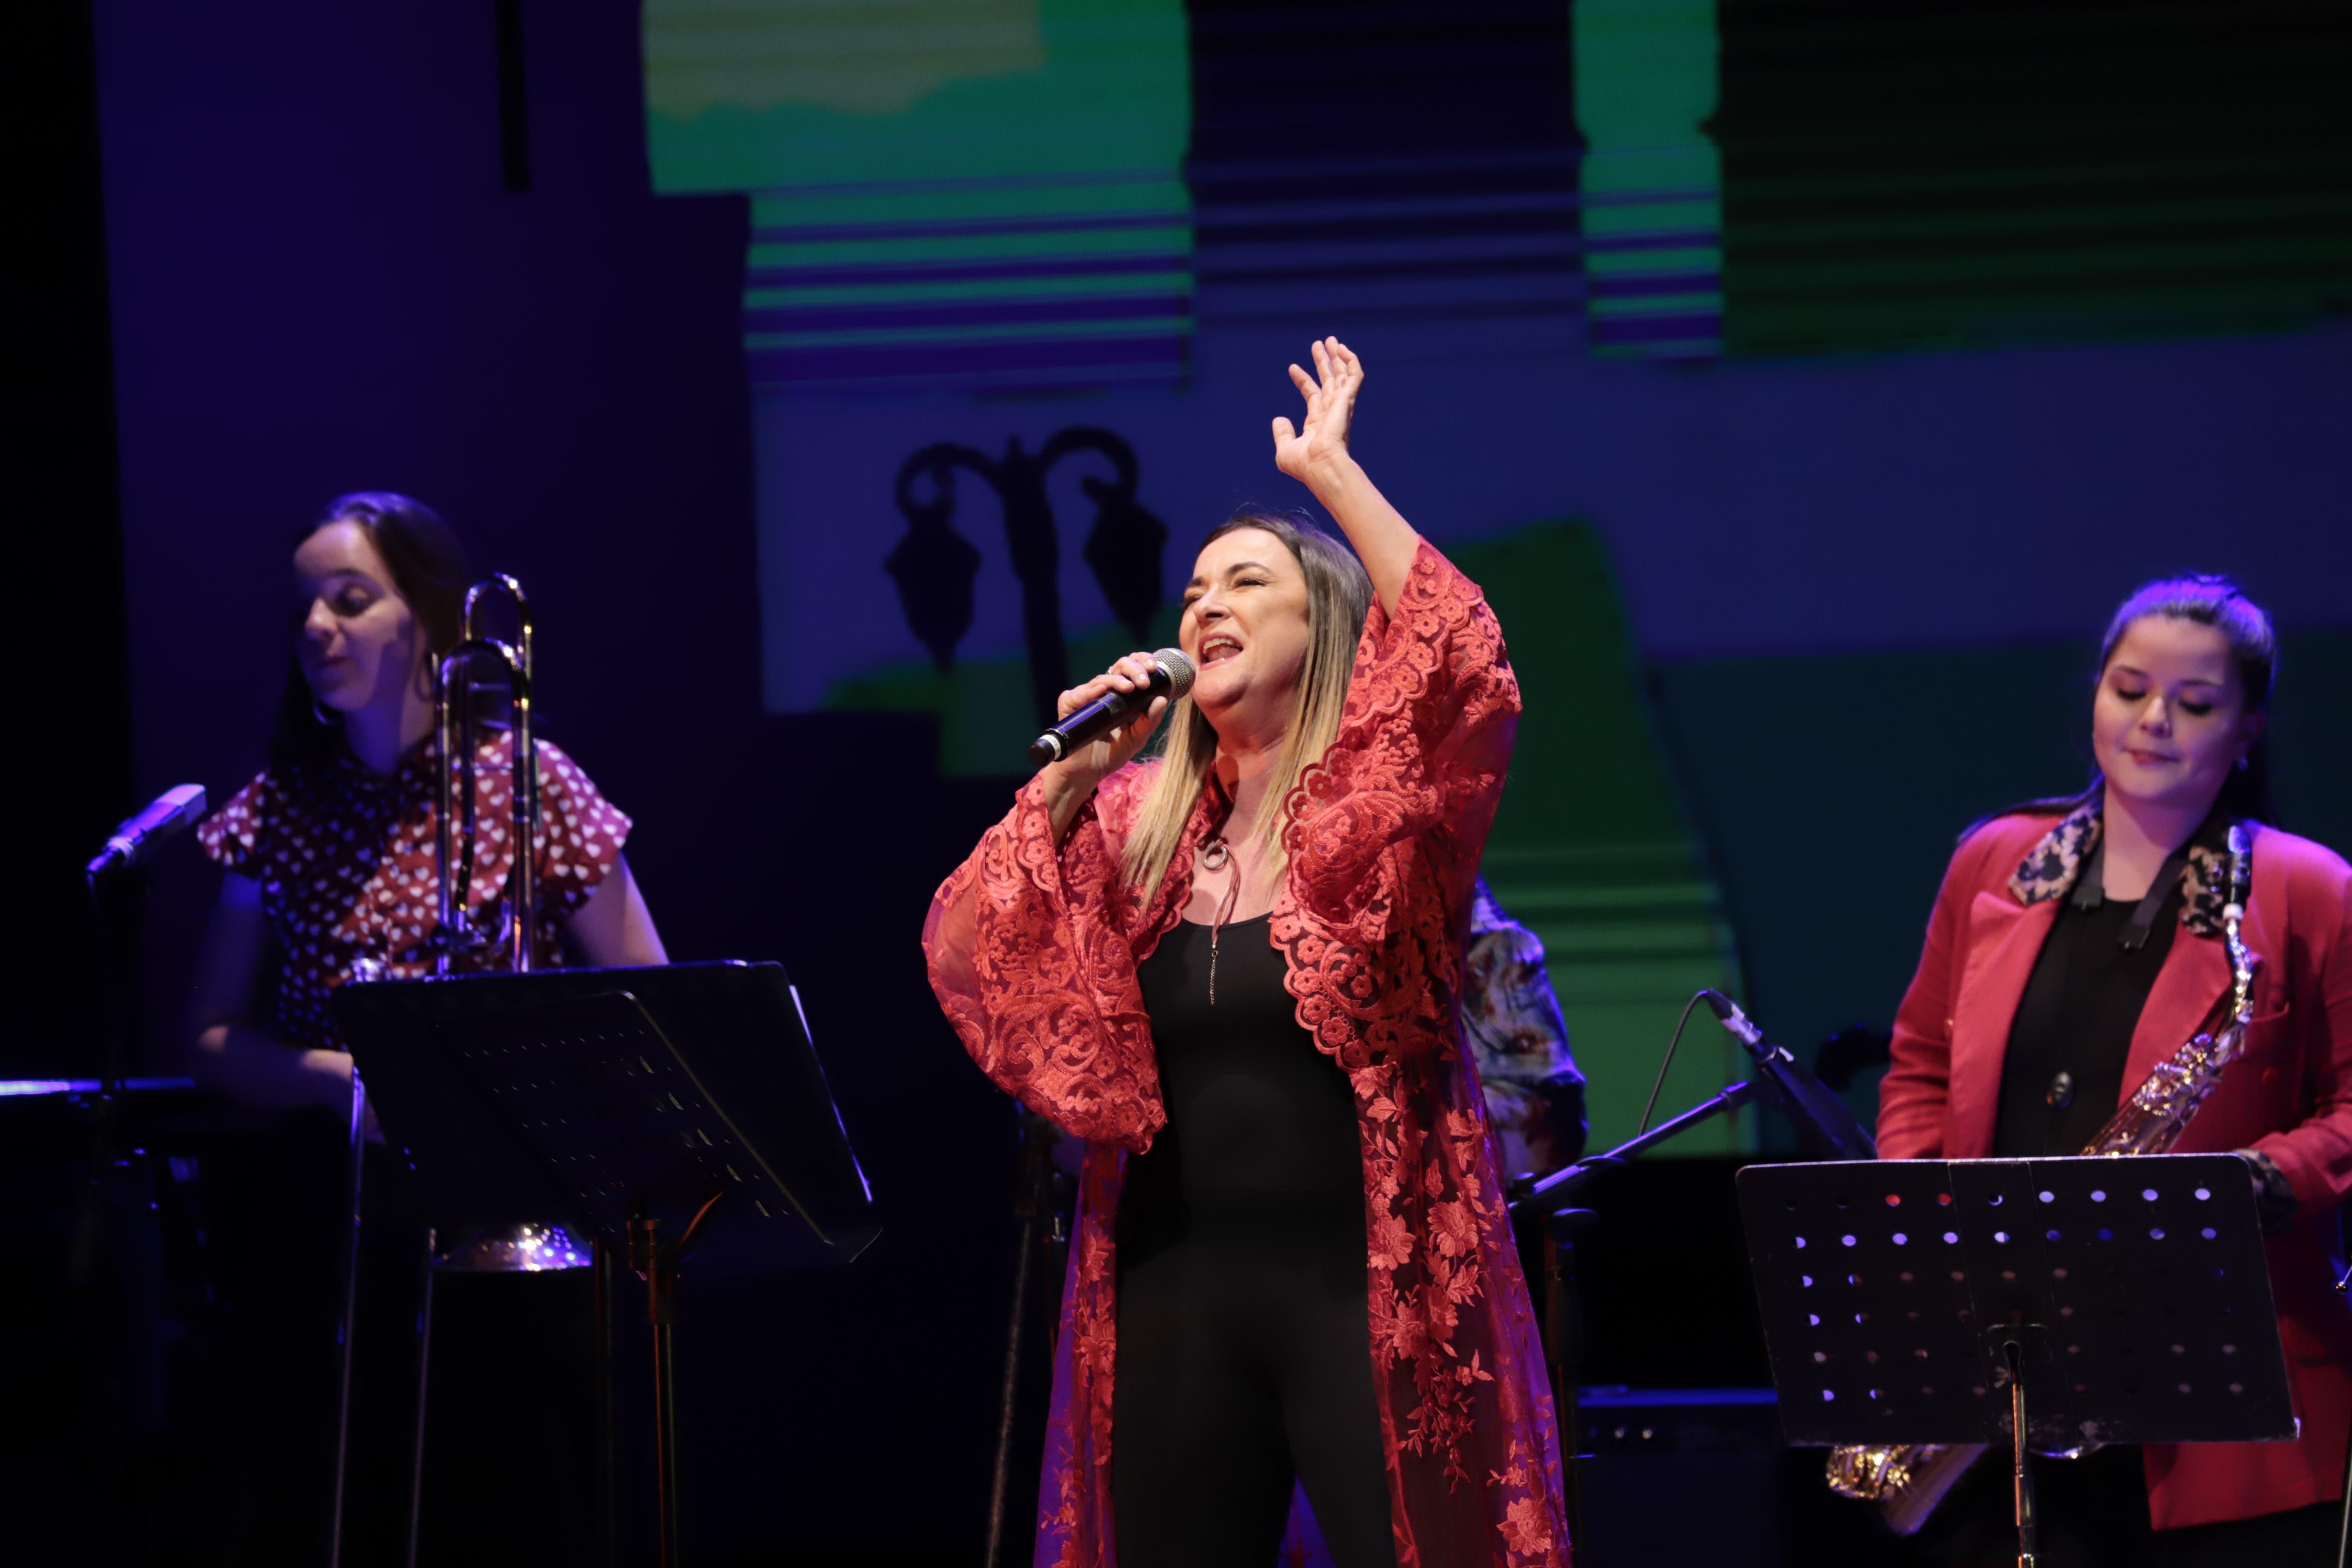 Una fiesta del jazz en Asunción del Paraguay